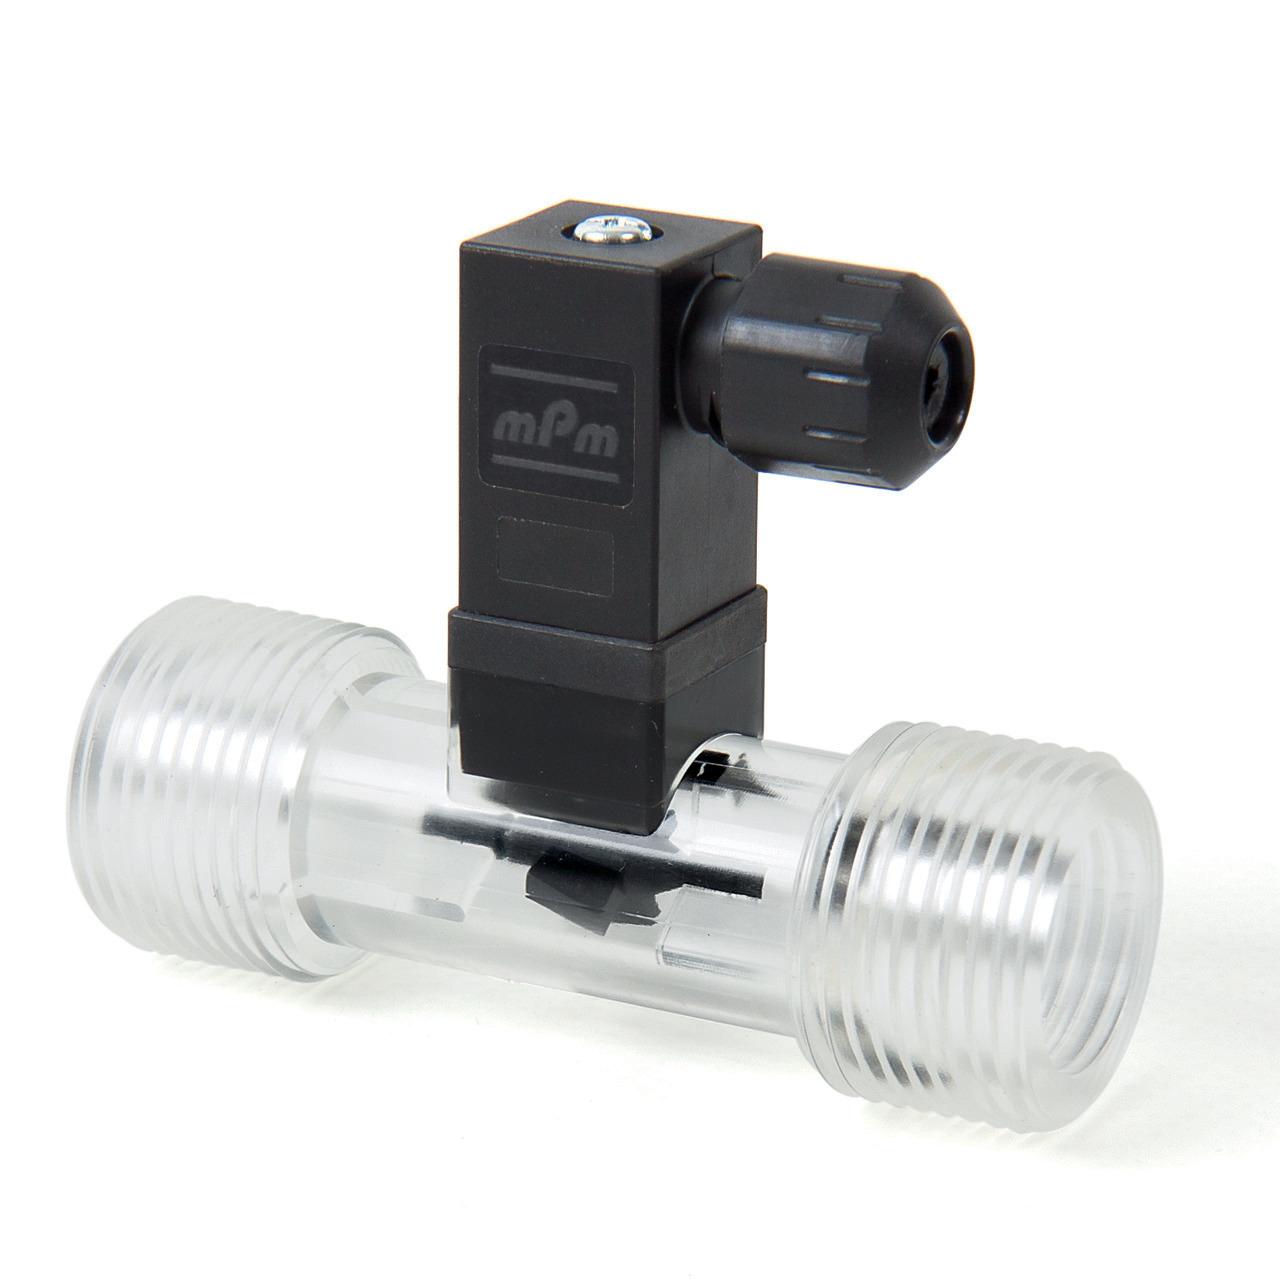 Badger Meter Europa Durchflussmesser (Turbinenzähler) Vision 3012 4F16 für 5 bis 65 l-min- mit DIN Stecker- mit Spule- G3-4